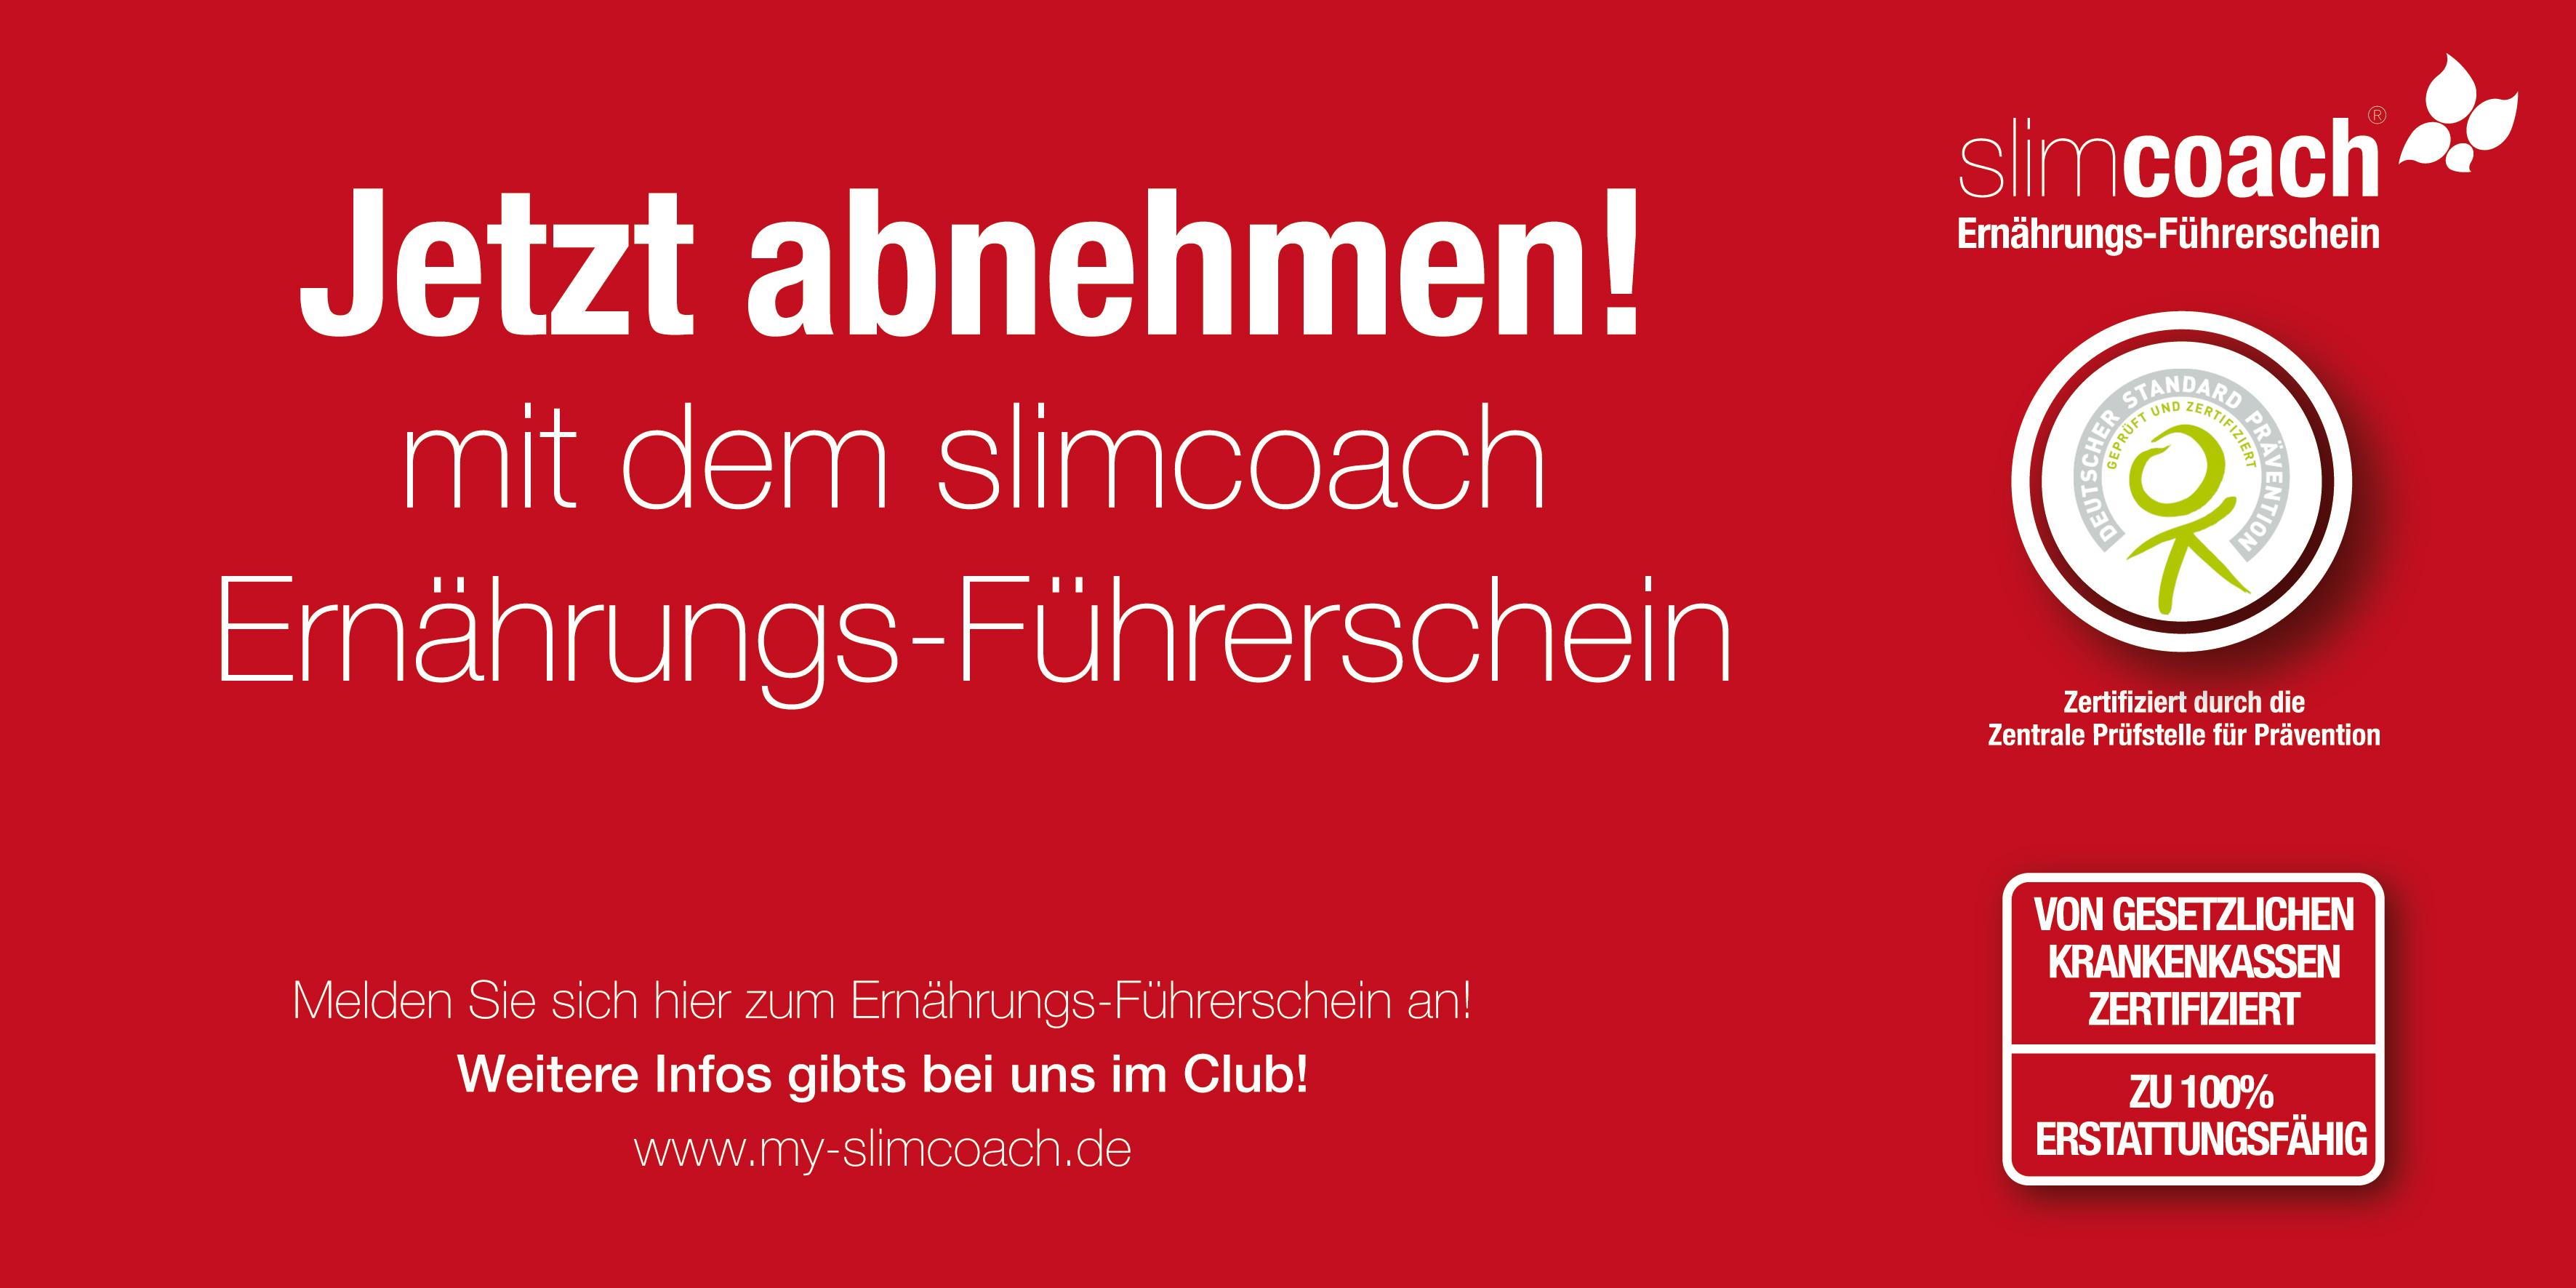 Slim Coach – Ihr Ernährungsführerschein!